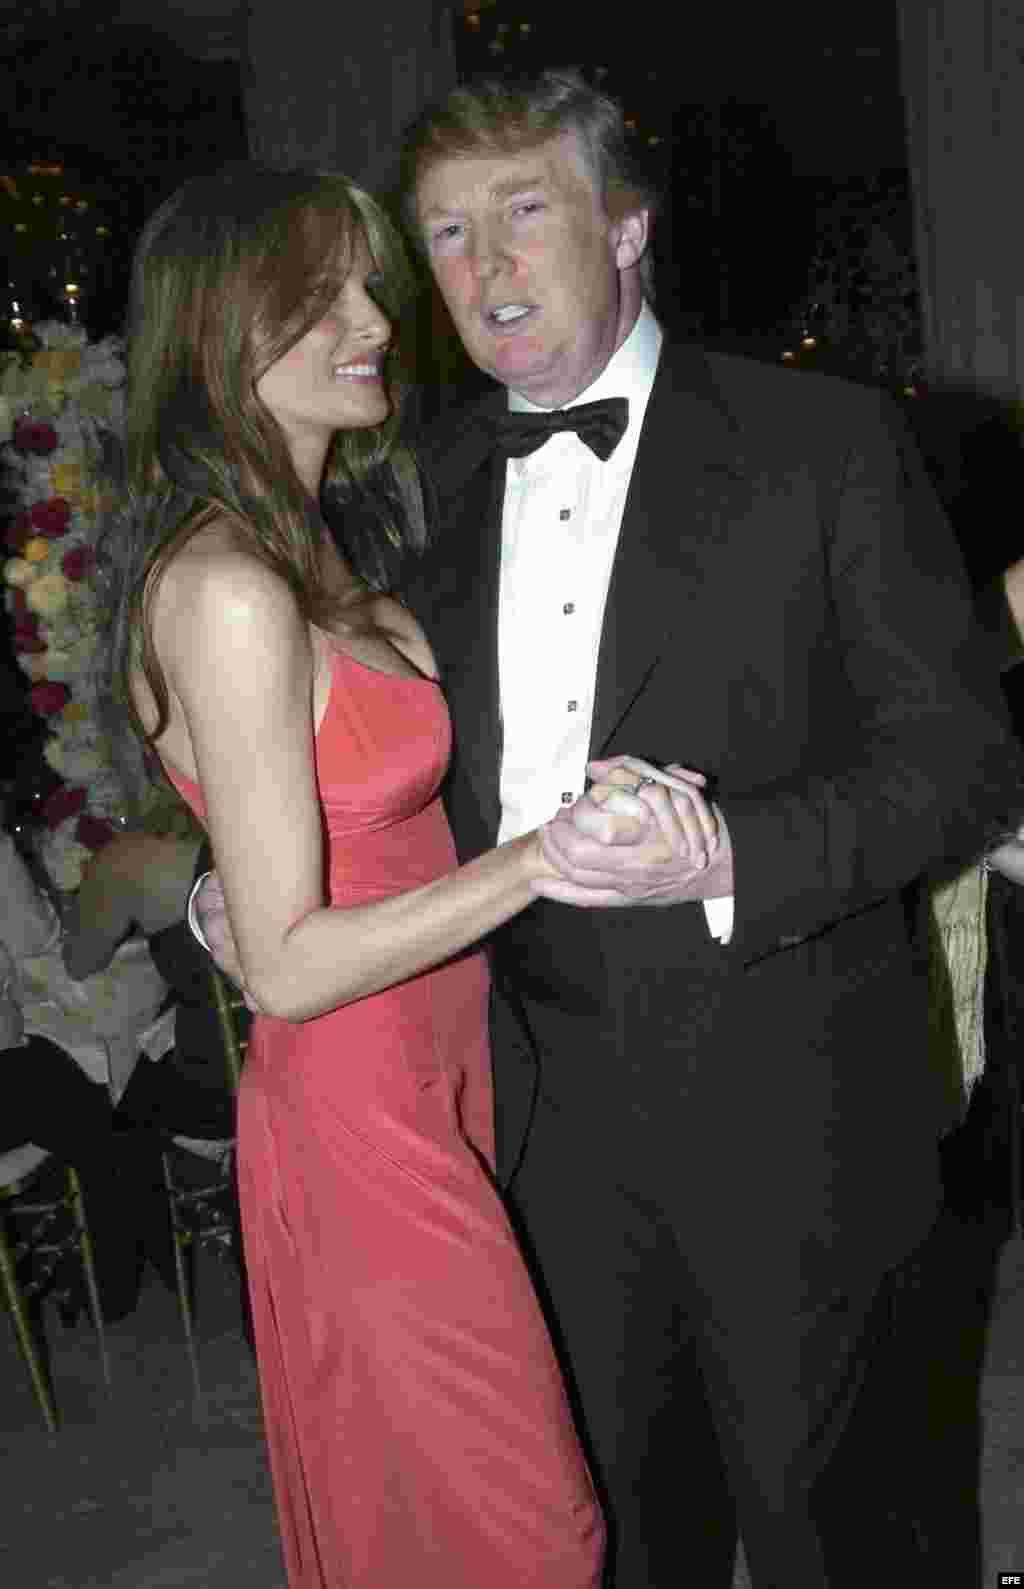 El magnate Donald Trump y su esposa Melania bailan durante una Gala de la Cruz Roja, en enero de 2005.